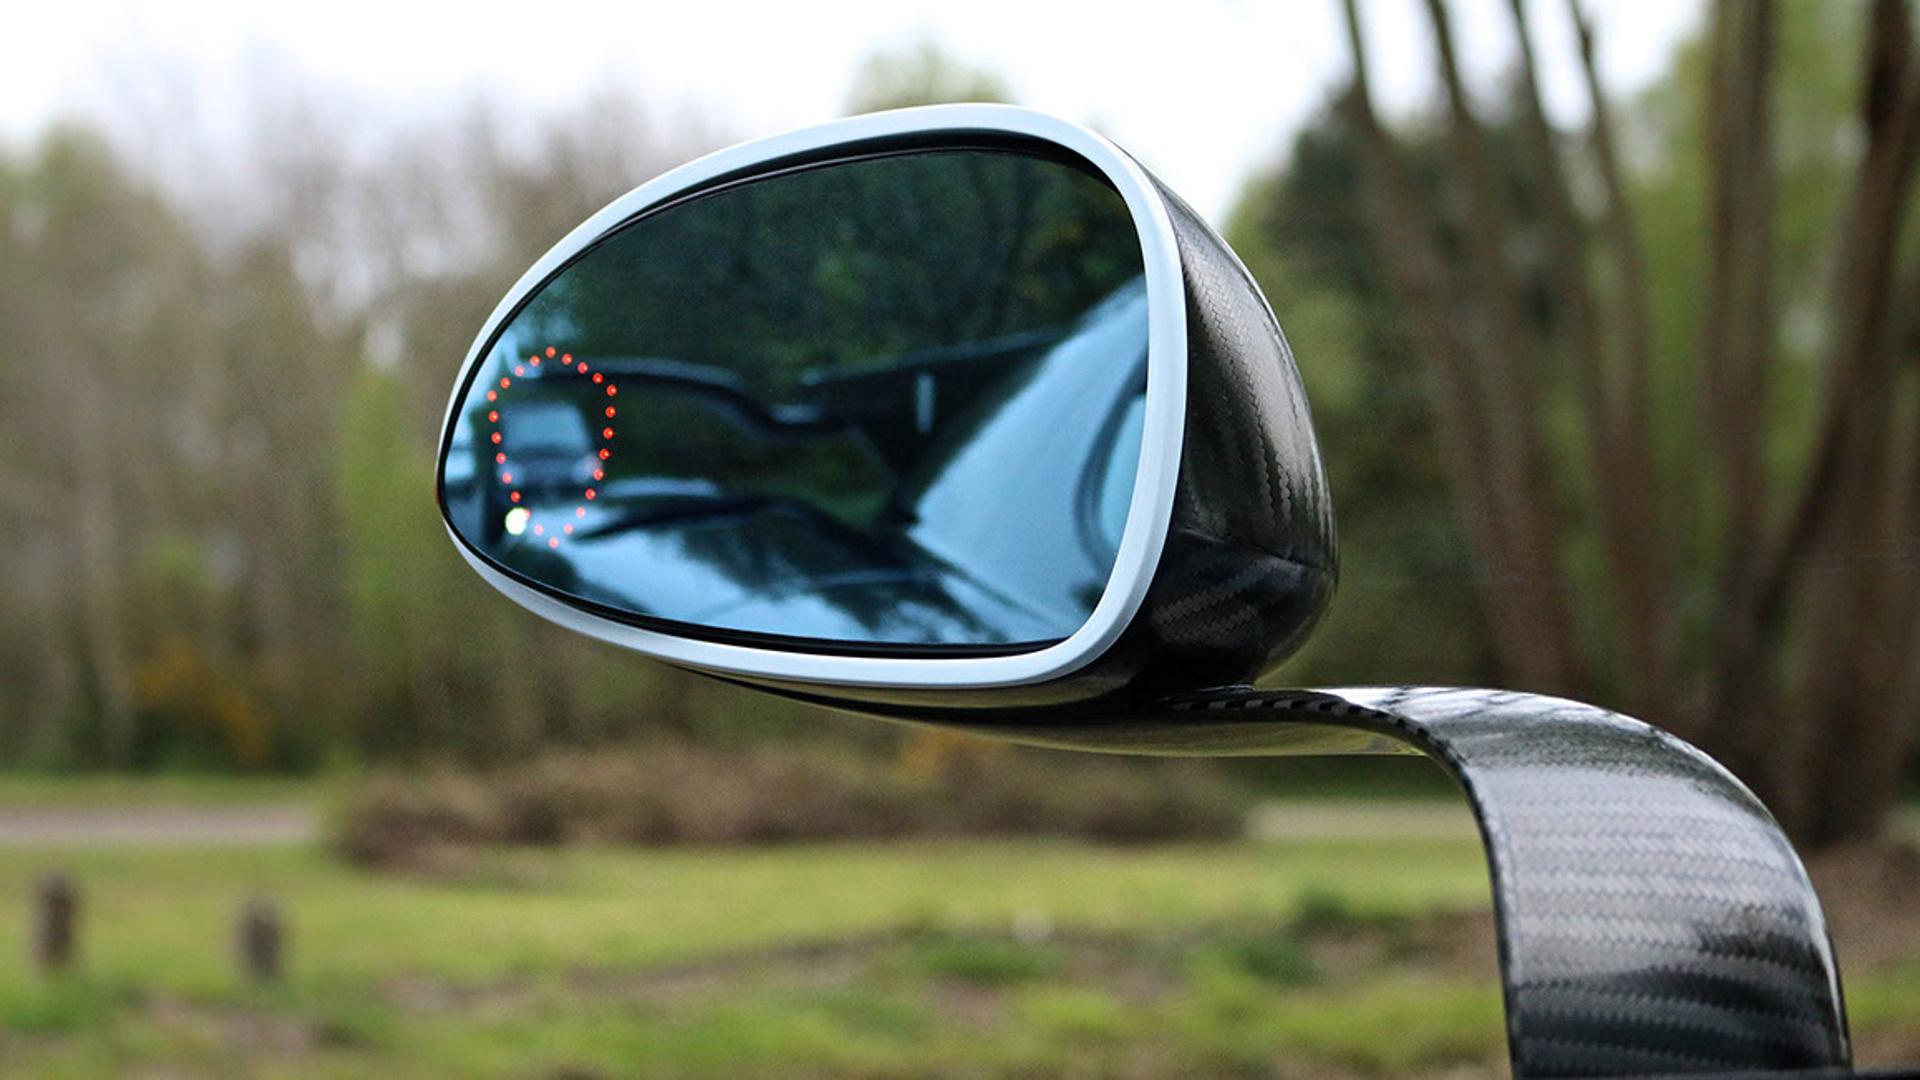 Cận cảnh siêu xe cũ rao bán giá hơn trăm tỷ đồng - Ảnh 14.